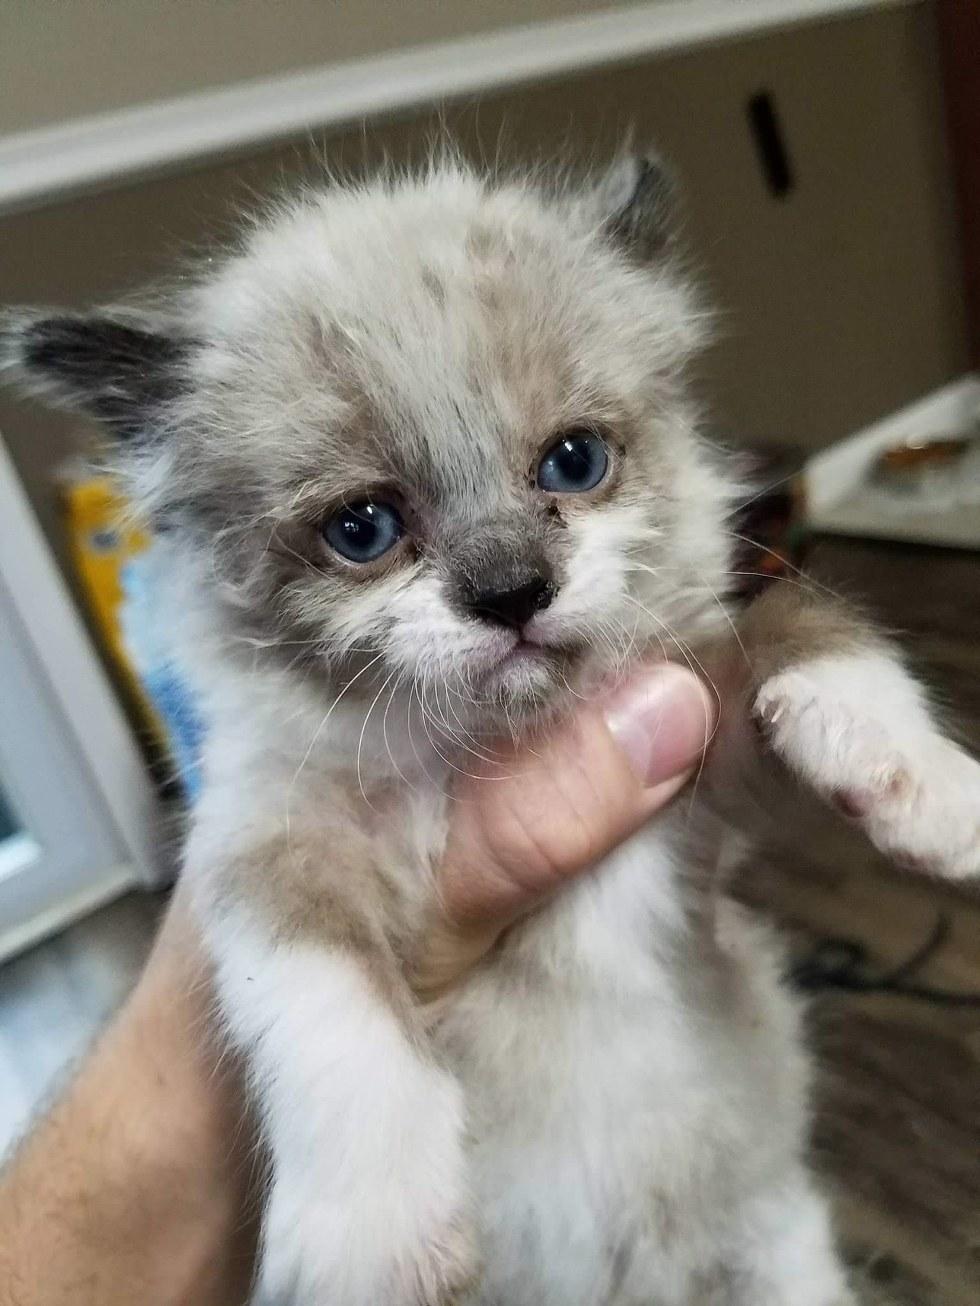 Гараж: кошачья версия! Однажды мужчина услышал плач на участке своего соседа... Теперь спасённый малыш - главный позитивчик в доме! :) рис 3